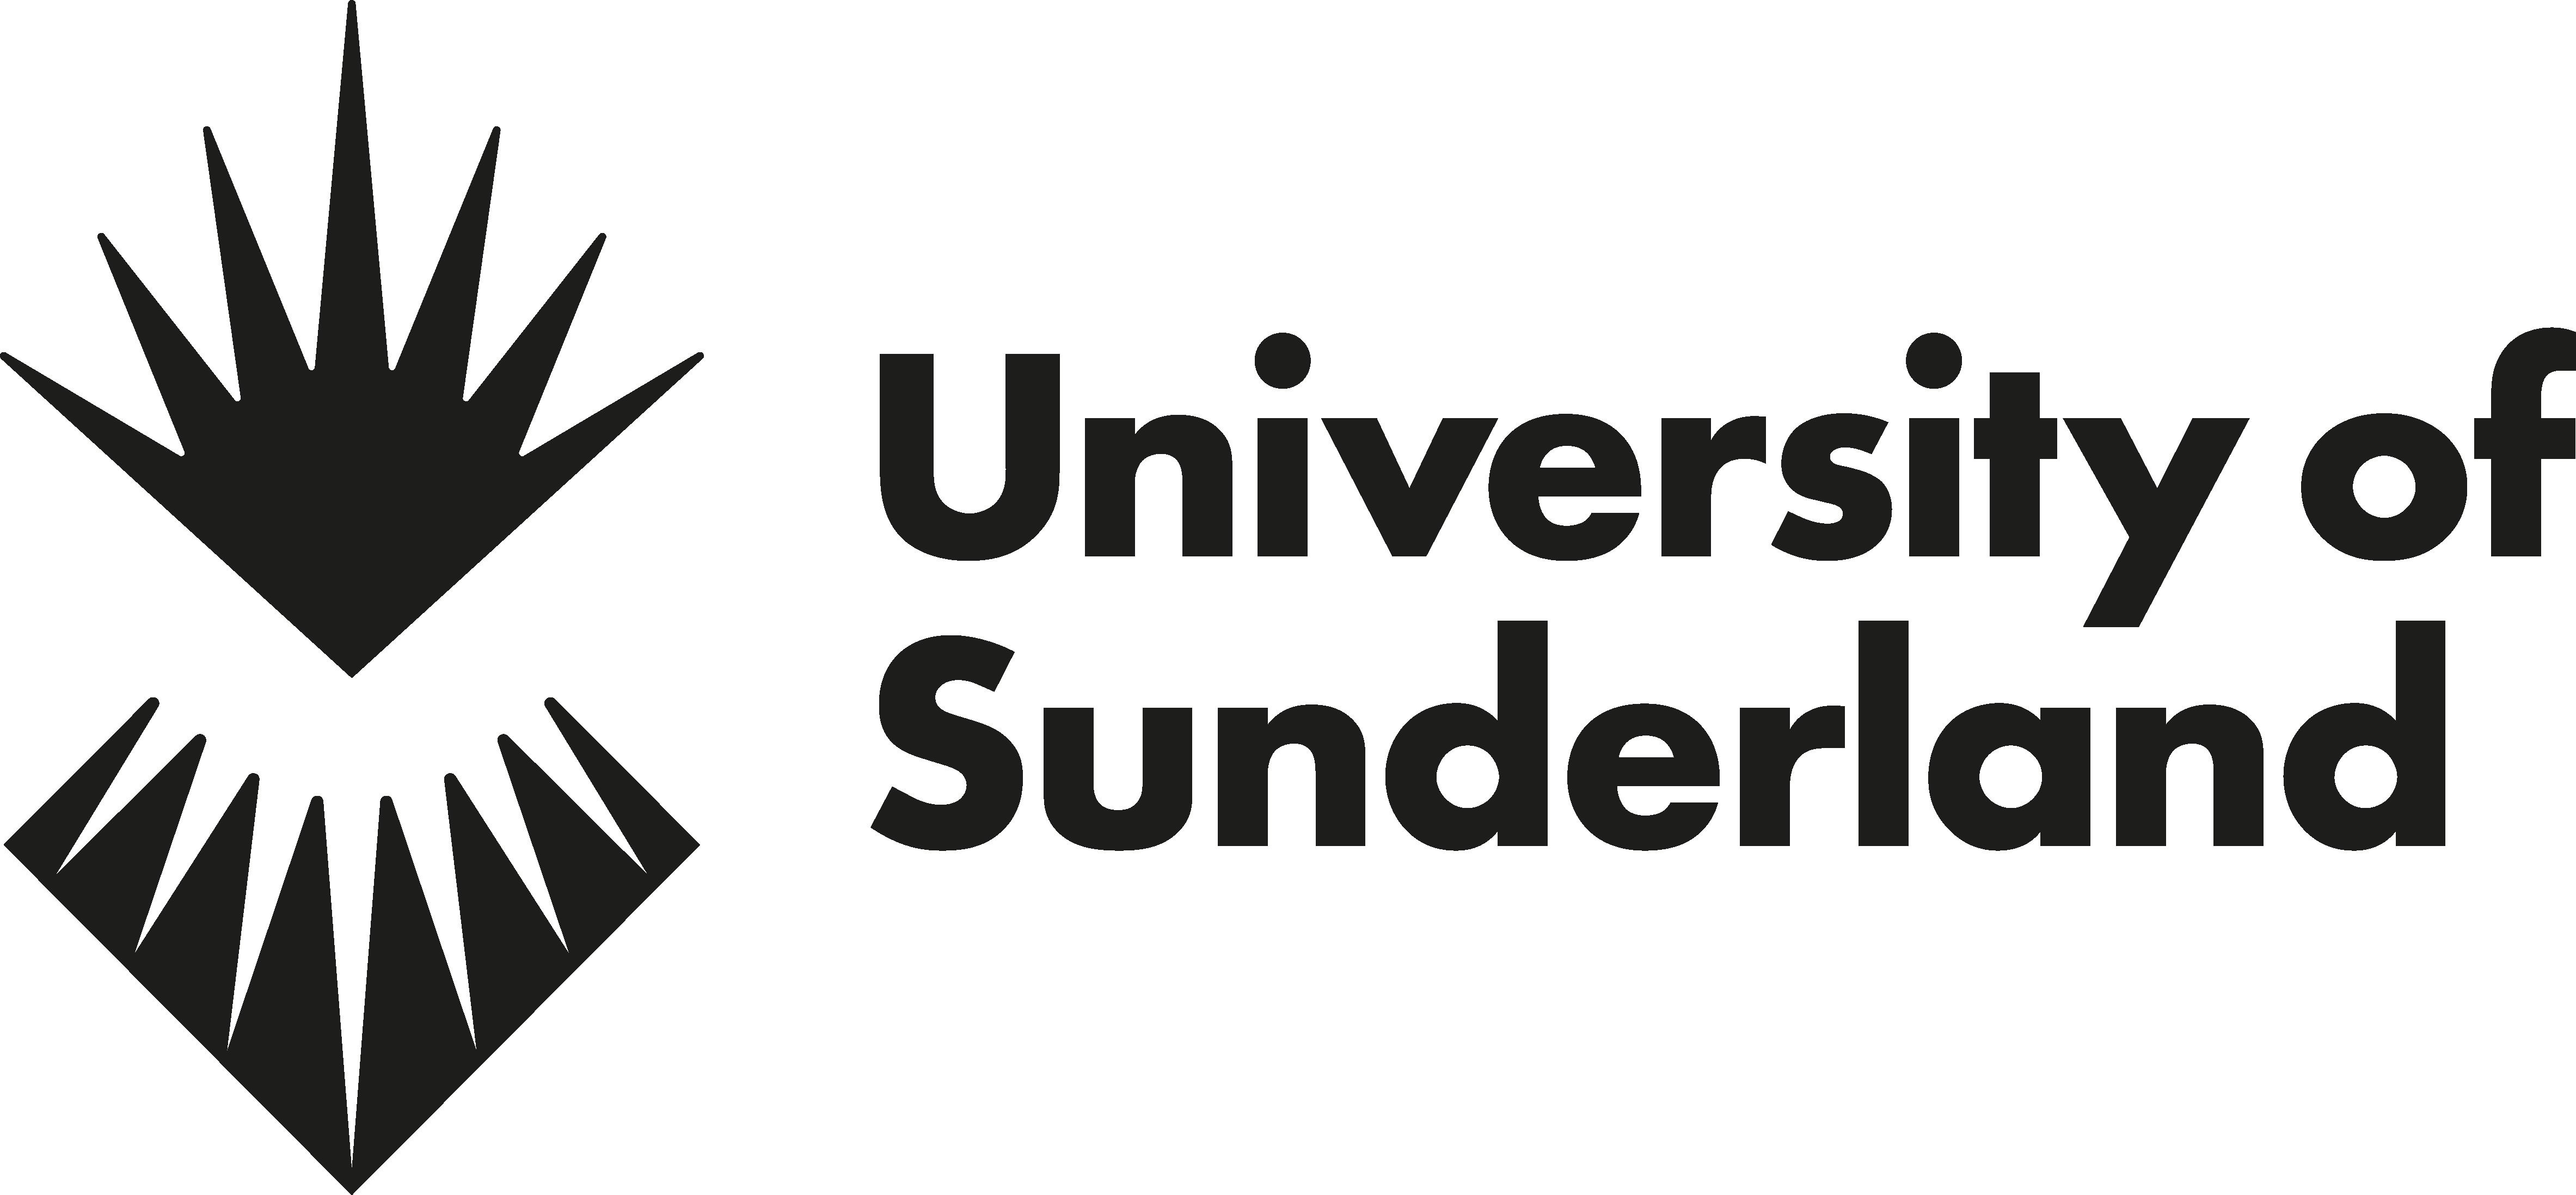 University of Sunderland Teams Live Online Events